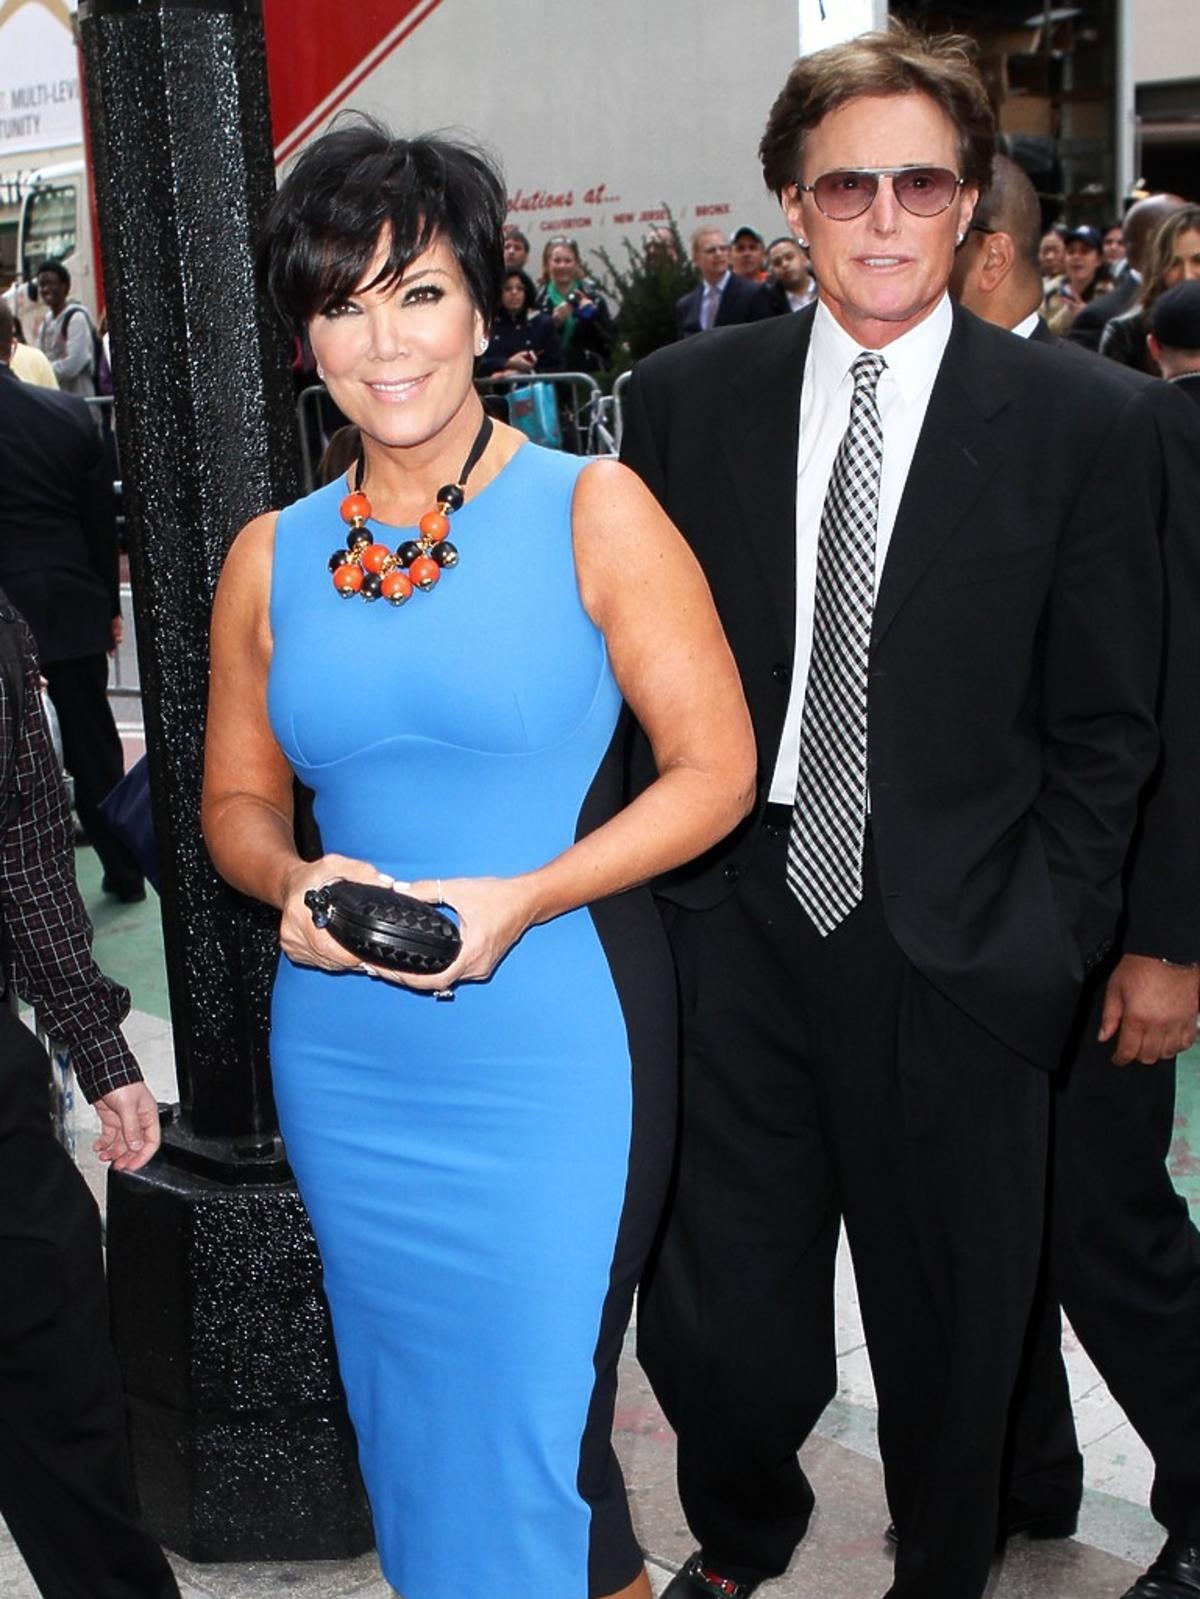 Bruce Jenner w  ciemnym garniturze z żoną Kris, która ma na sobie jasną niebieską sukienkę